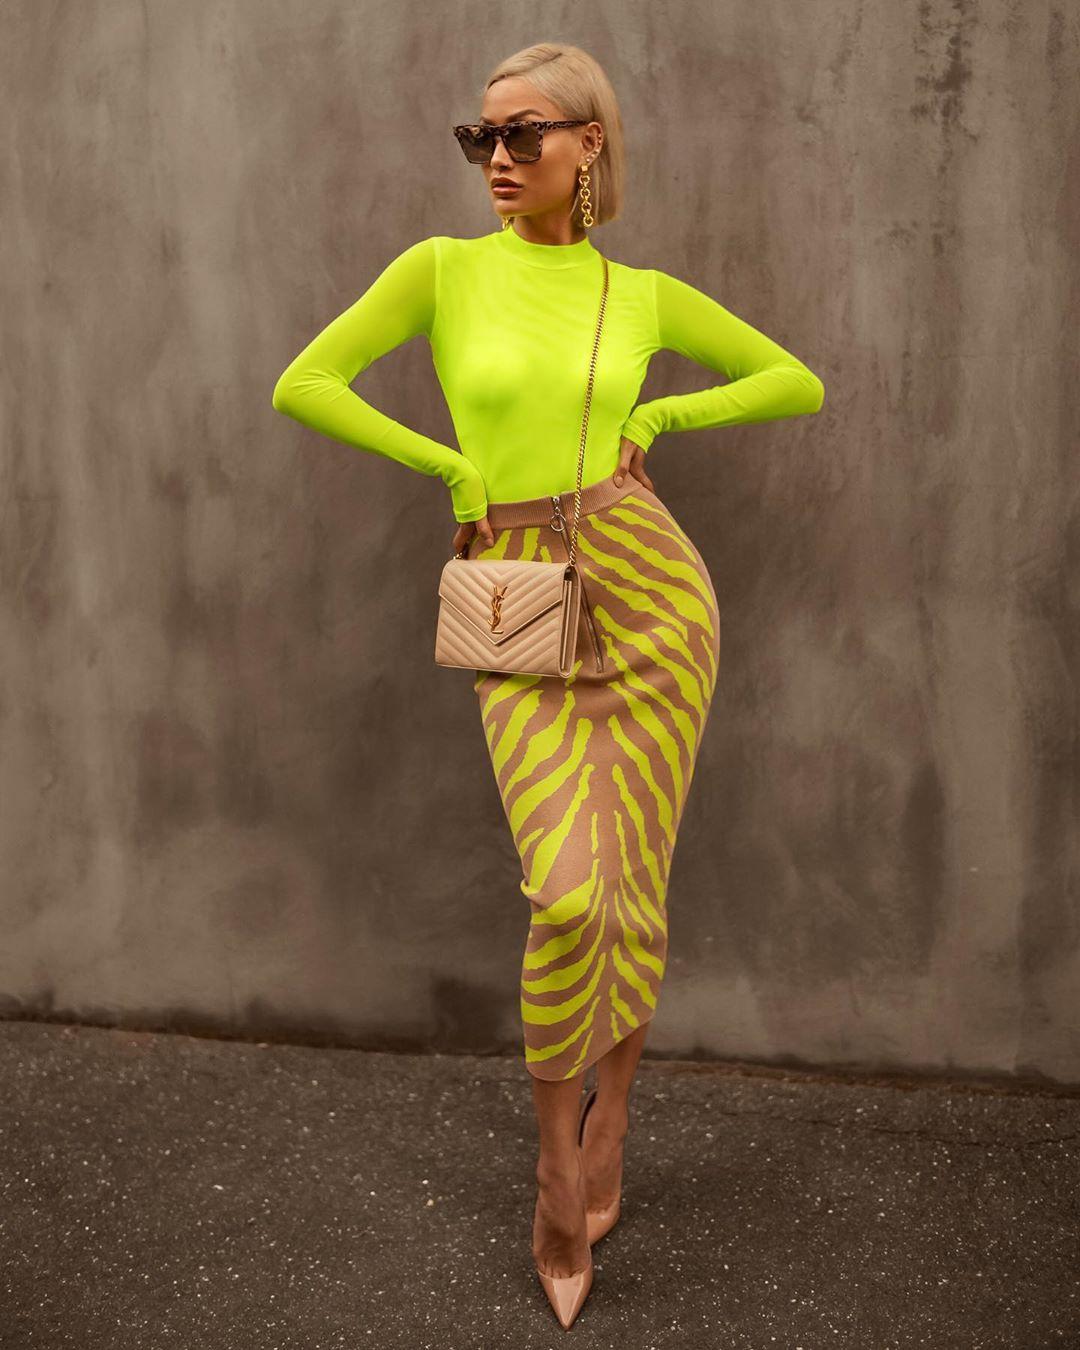 модный летние образы в желтом цвете фото 16